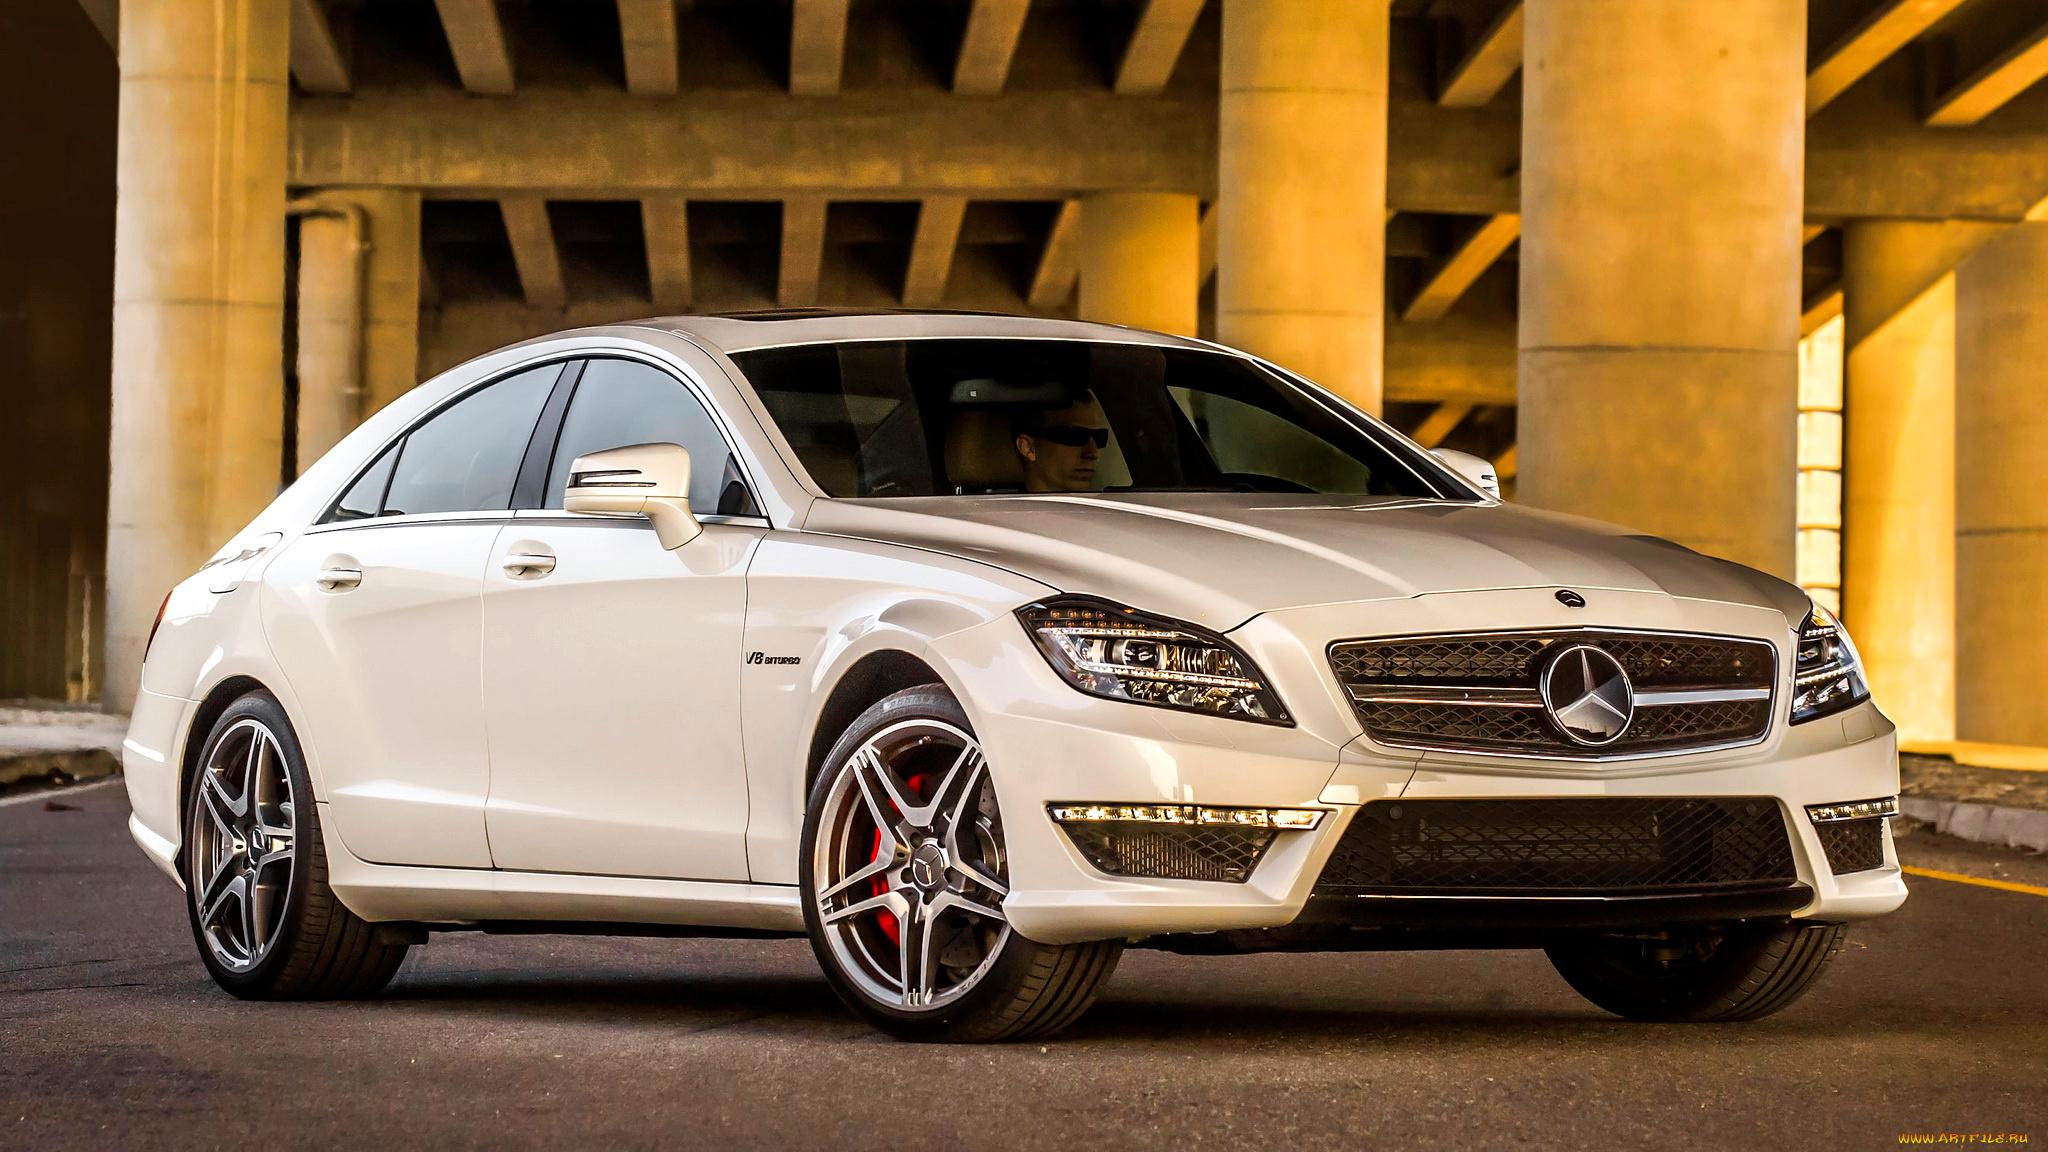 Автомобиль Mercedes-Benz CLS63 в хорошем качестве